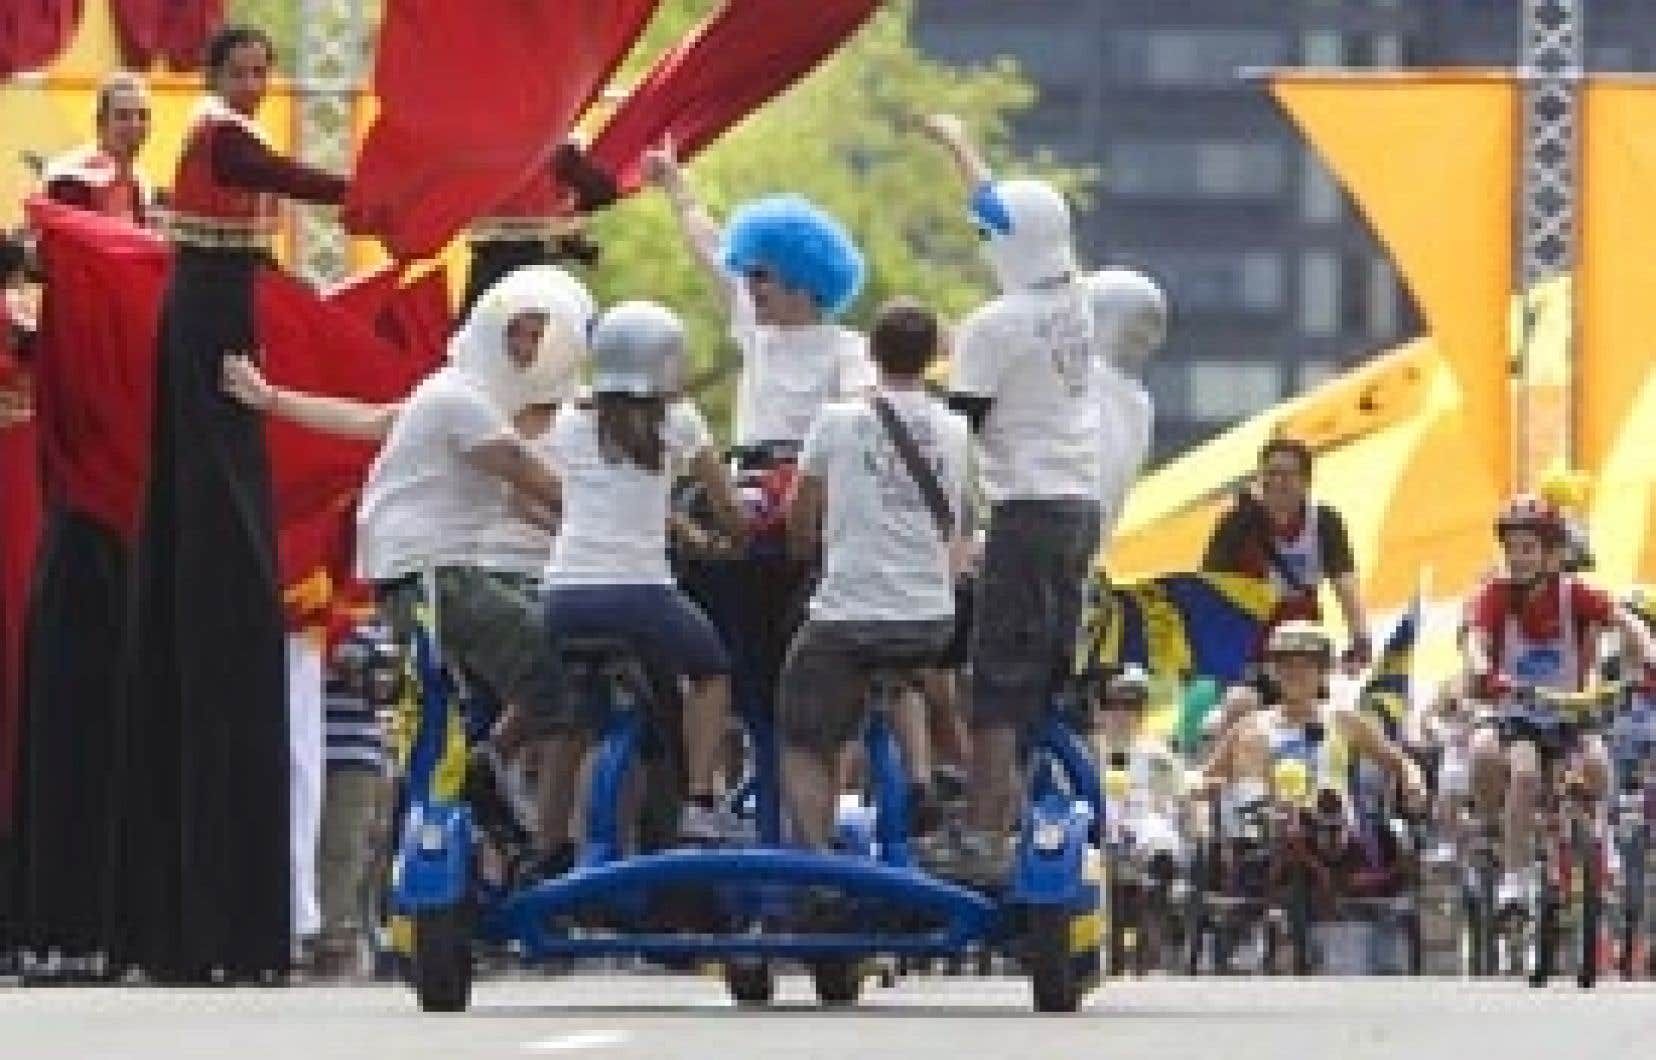 Stimulés par la performance des acrobates du Cirque du Soleil, cyclistes et autres bêtes tentaculaires, comme ce vélo à sept têtes, ont mordu le bitume pour le 25e Tour de l'île de Montréal hier.